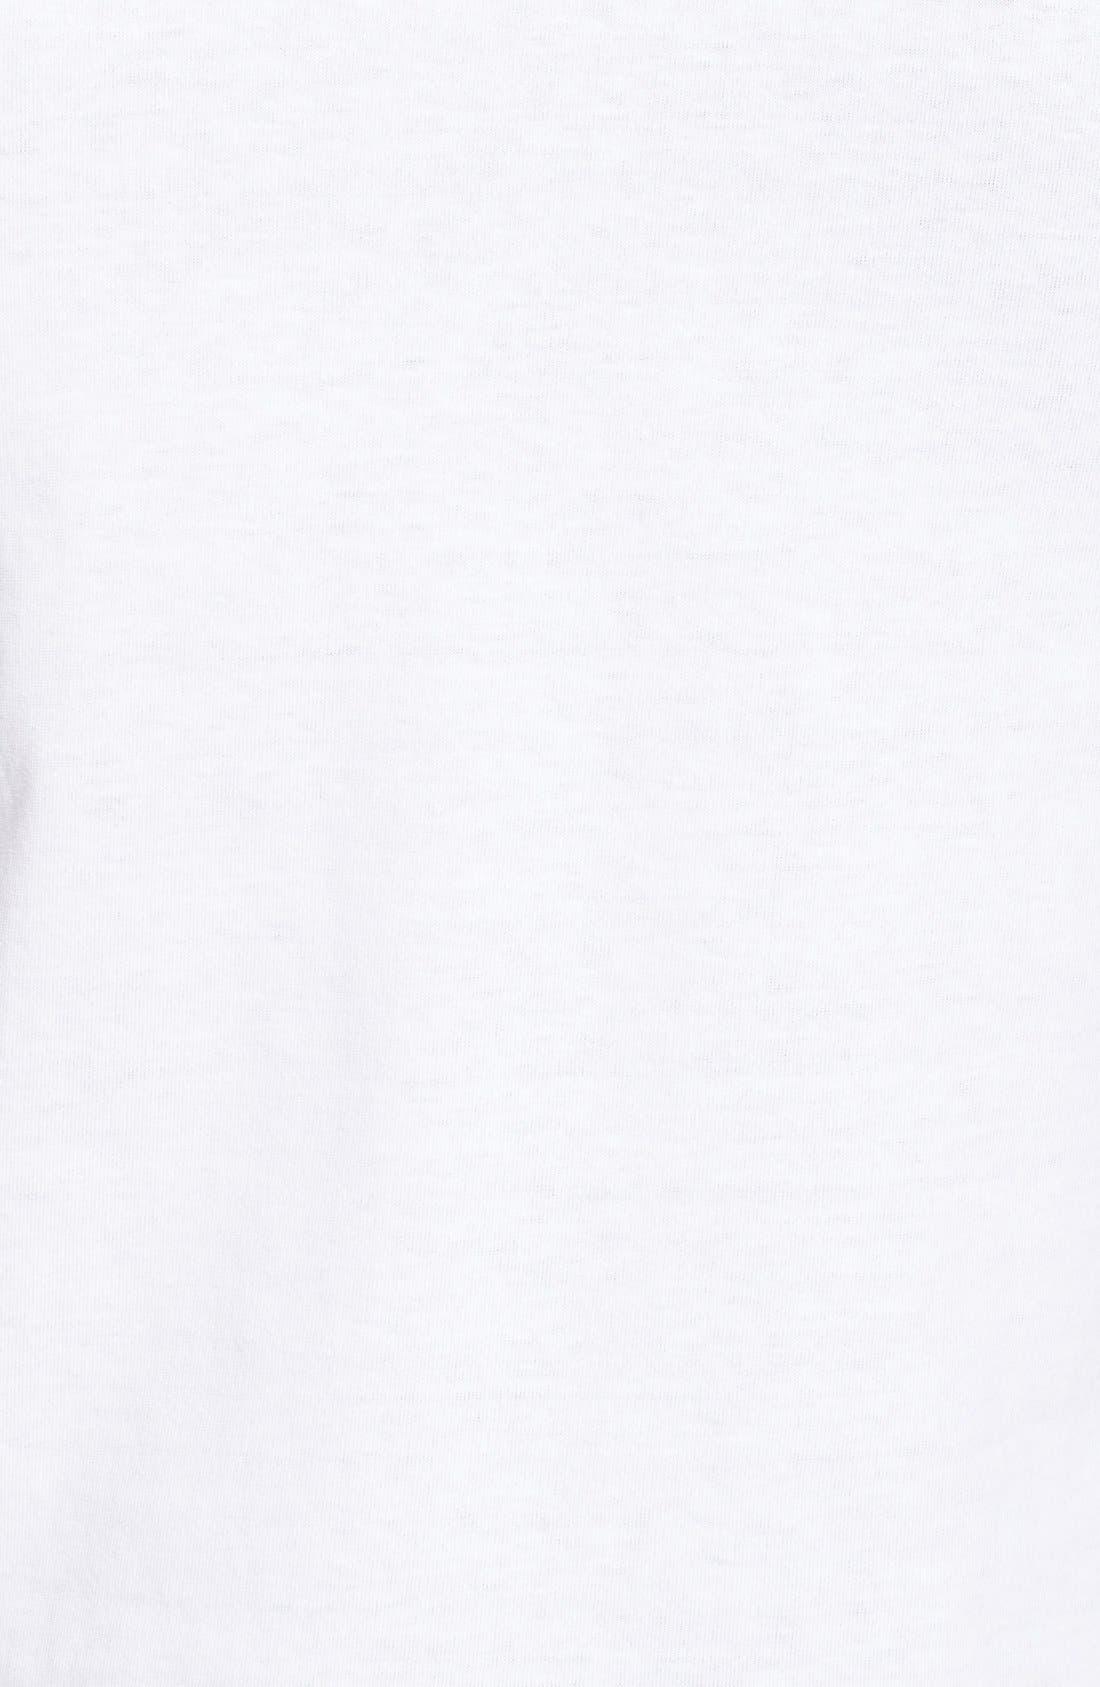 COMME DES GARÇONS PLAY, Graphic T-Shirt with Heart Appliqué, Alternate thumbnail 5, color, WHITE